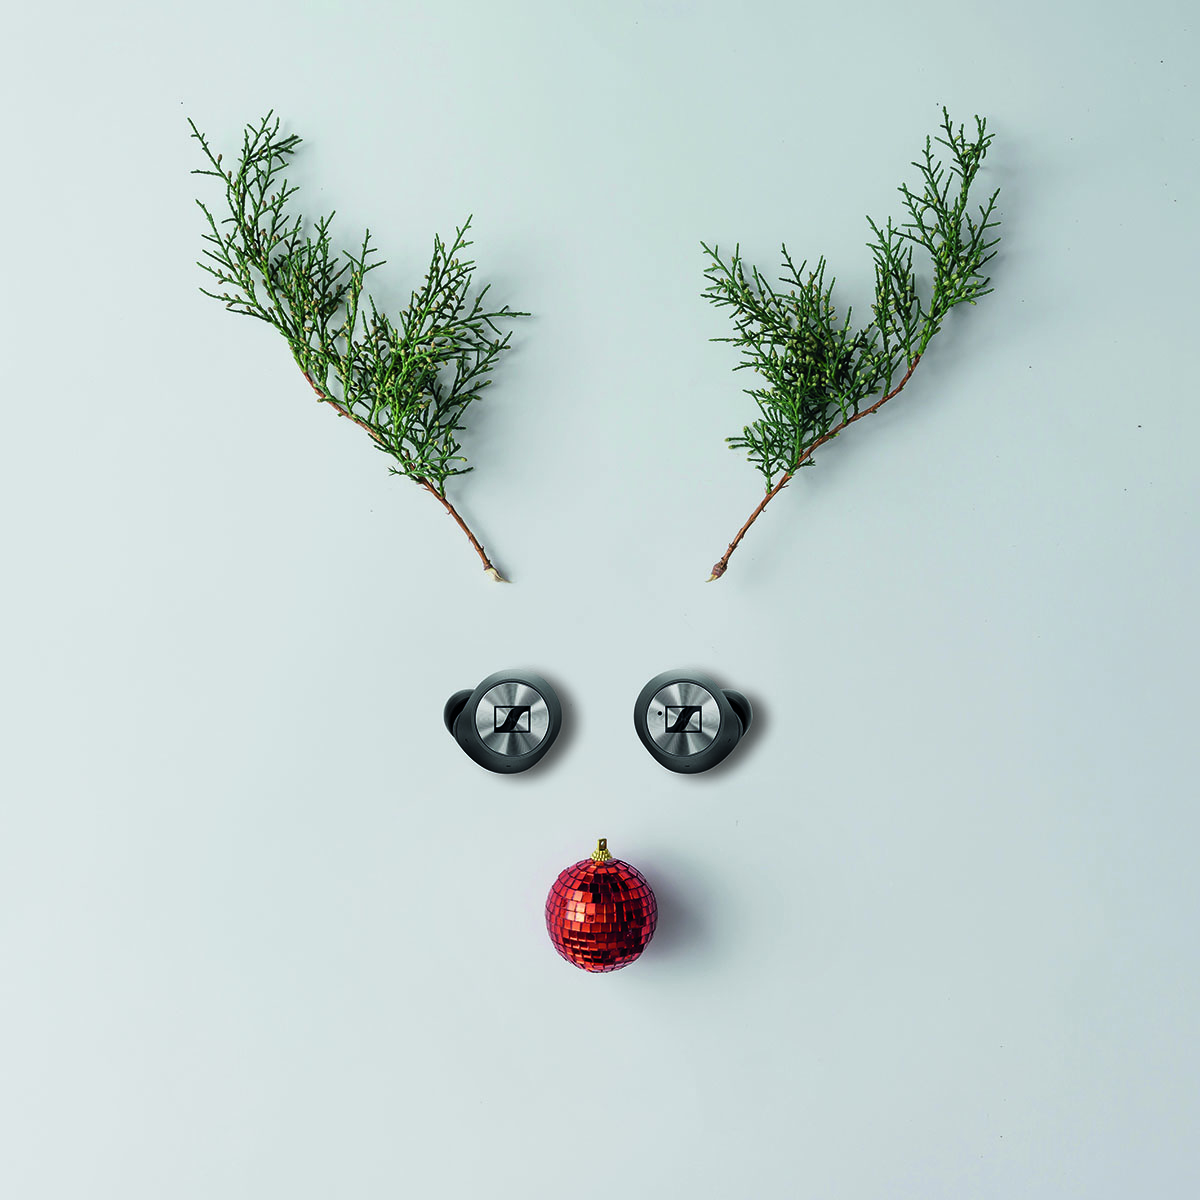 Классный звук в подарок на все новогодние праздники